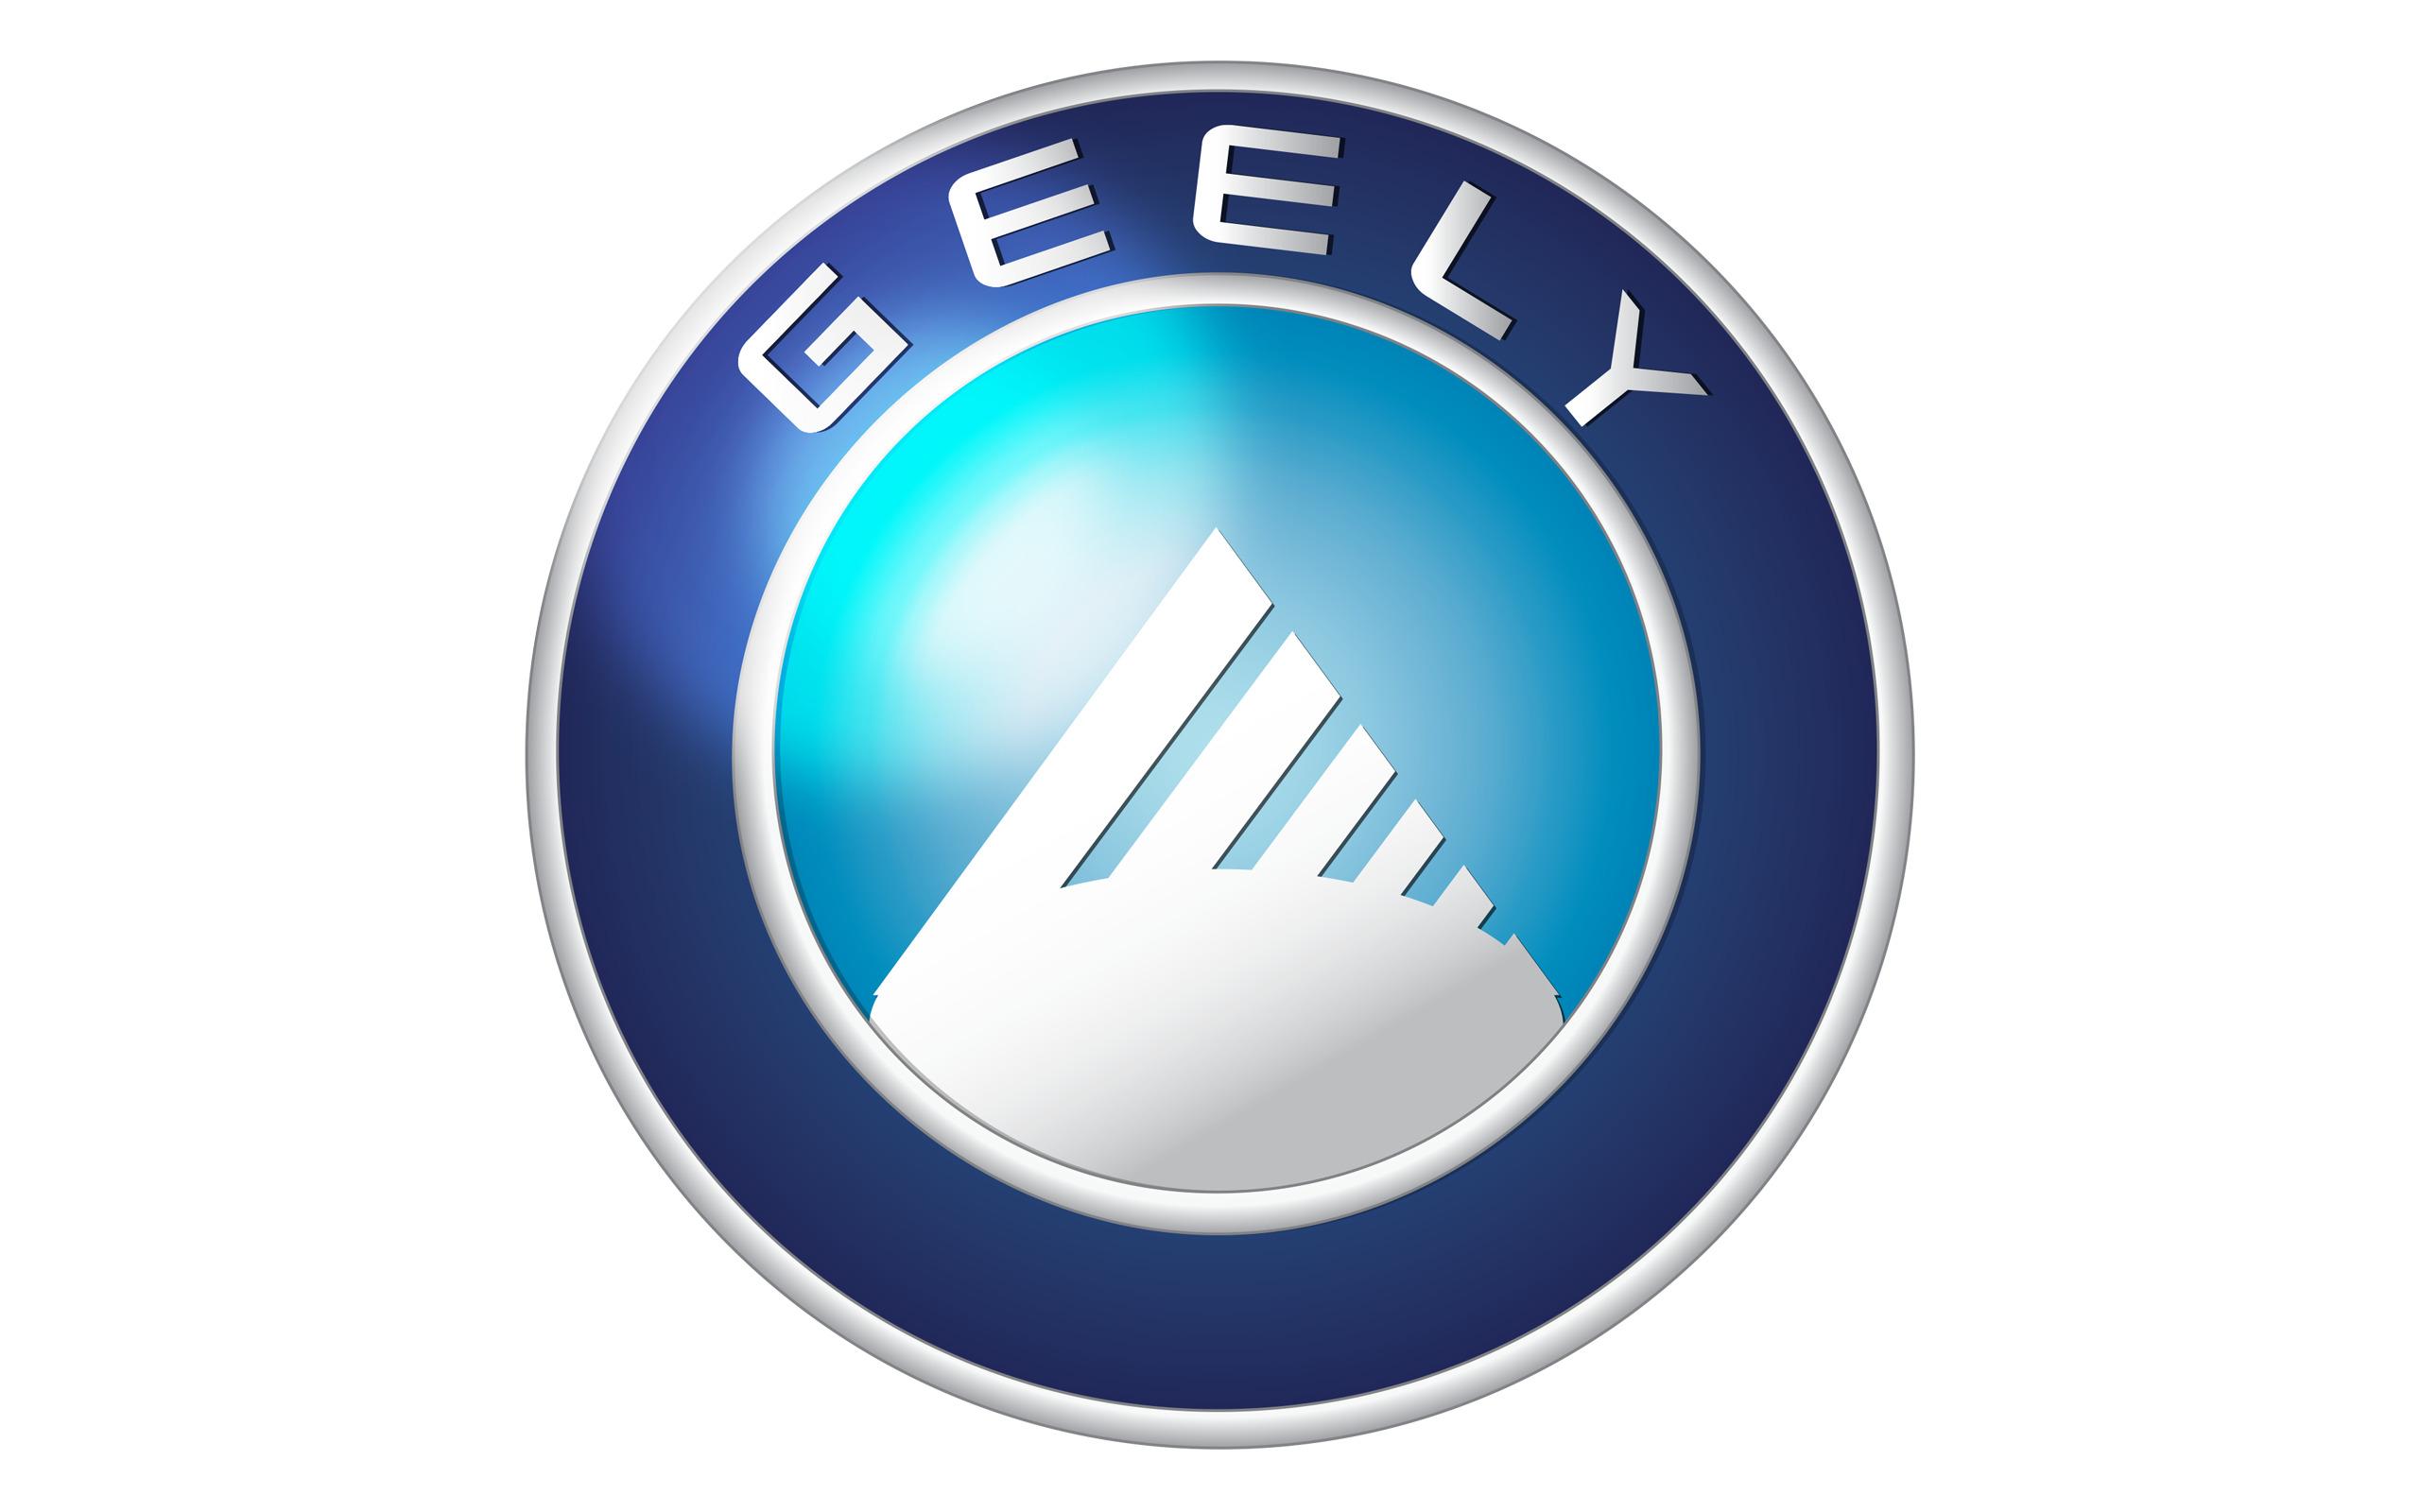 Imagen logo de Geely